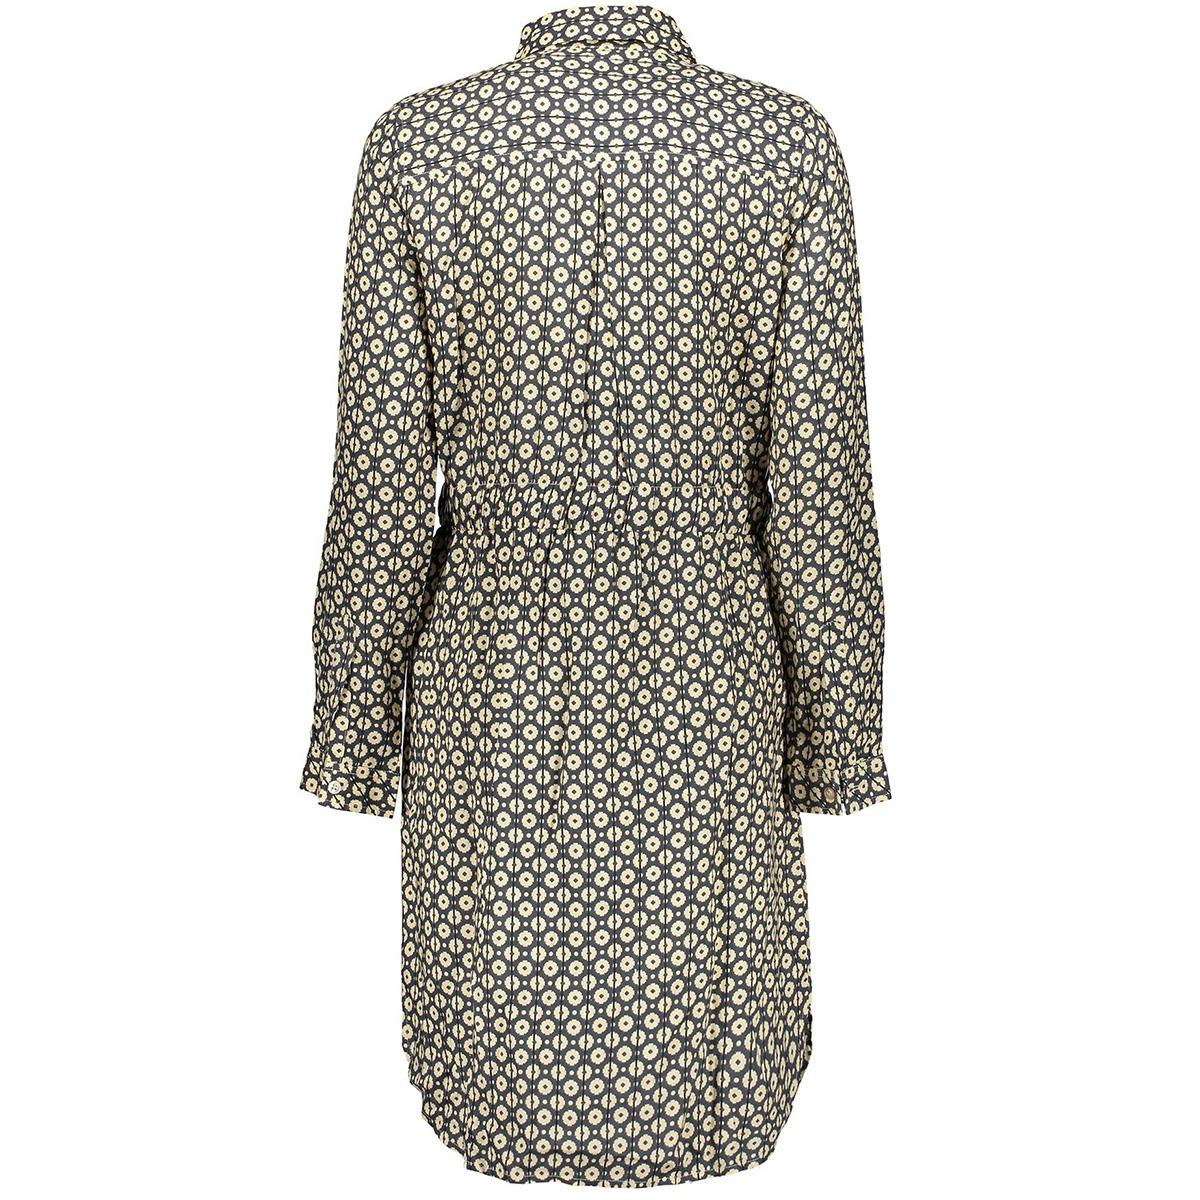 dress aop ls 07137 21 geisha jurk off-white/ecru